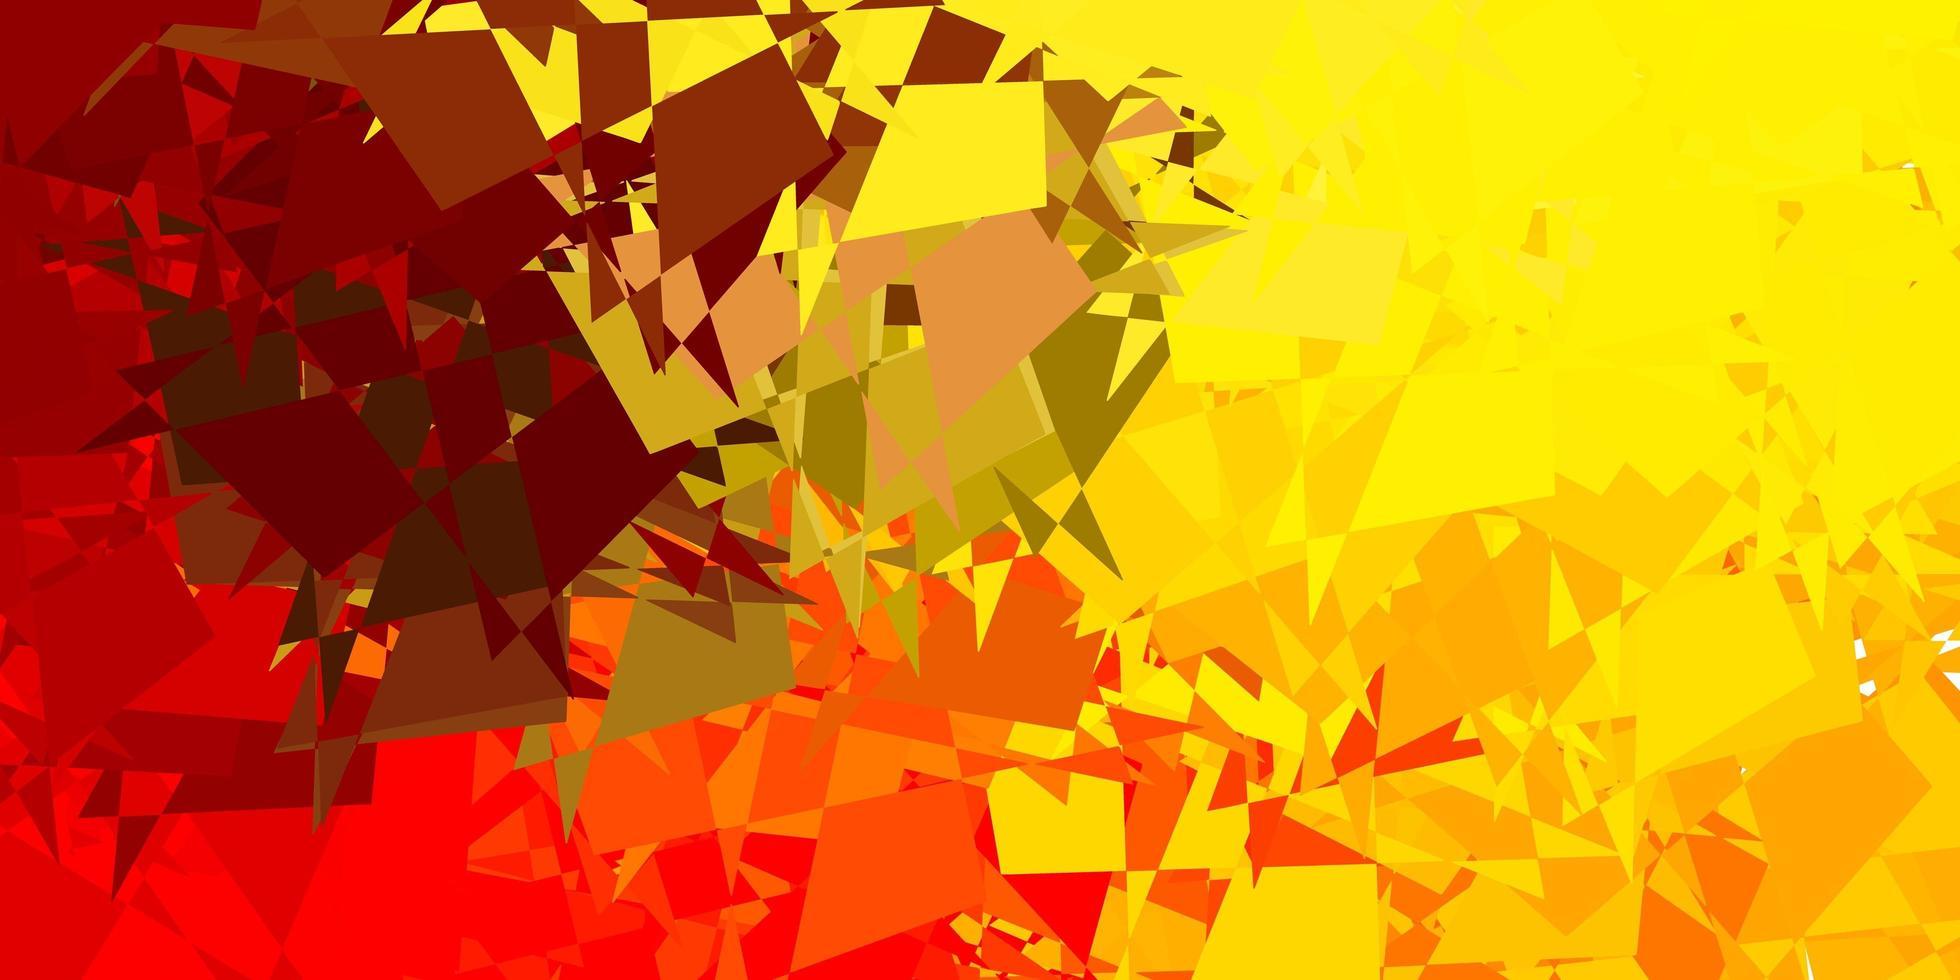 hellroter, gelber Hintergrund mit zufälligen Formen. vektor